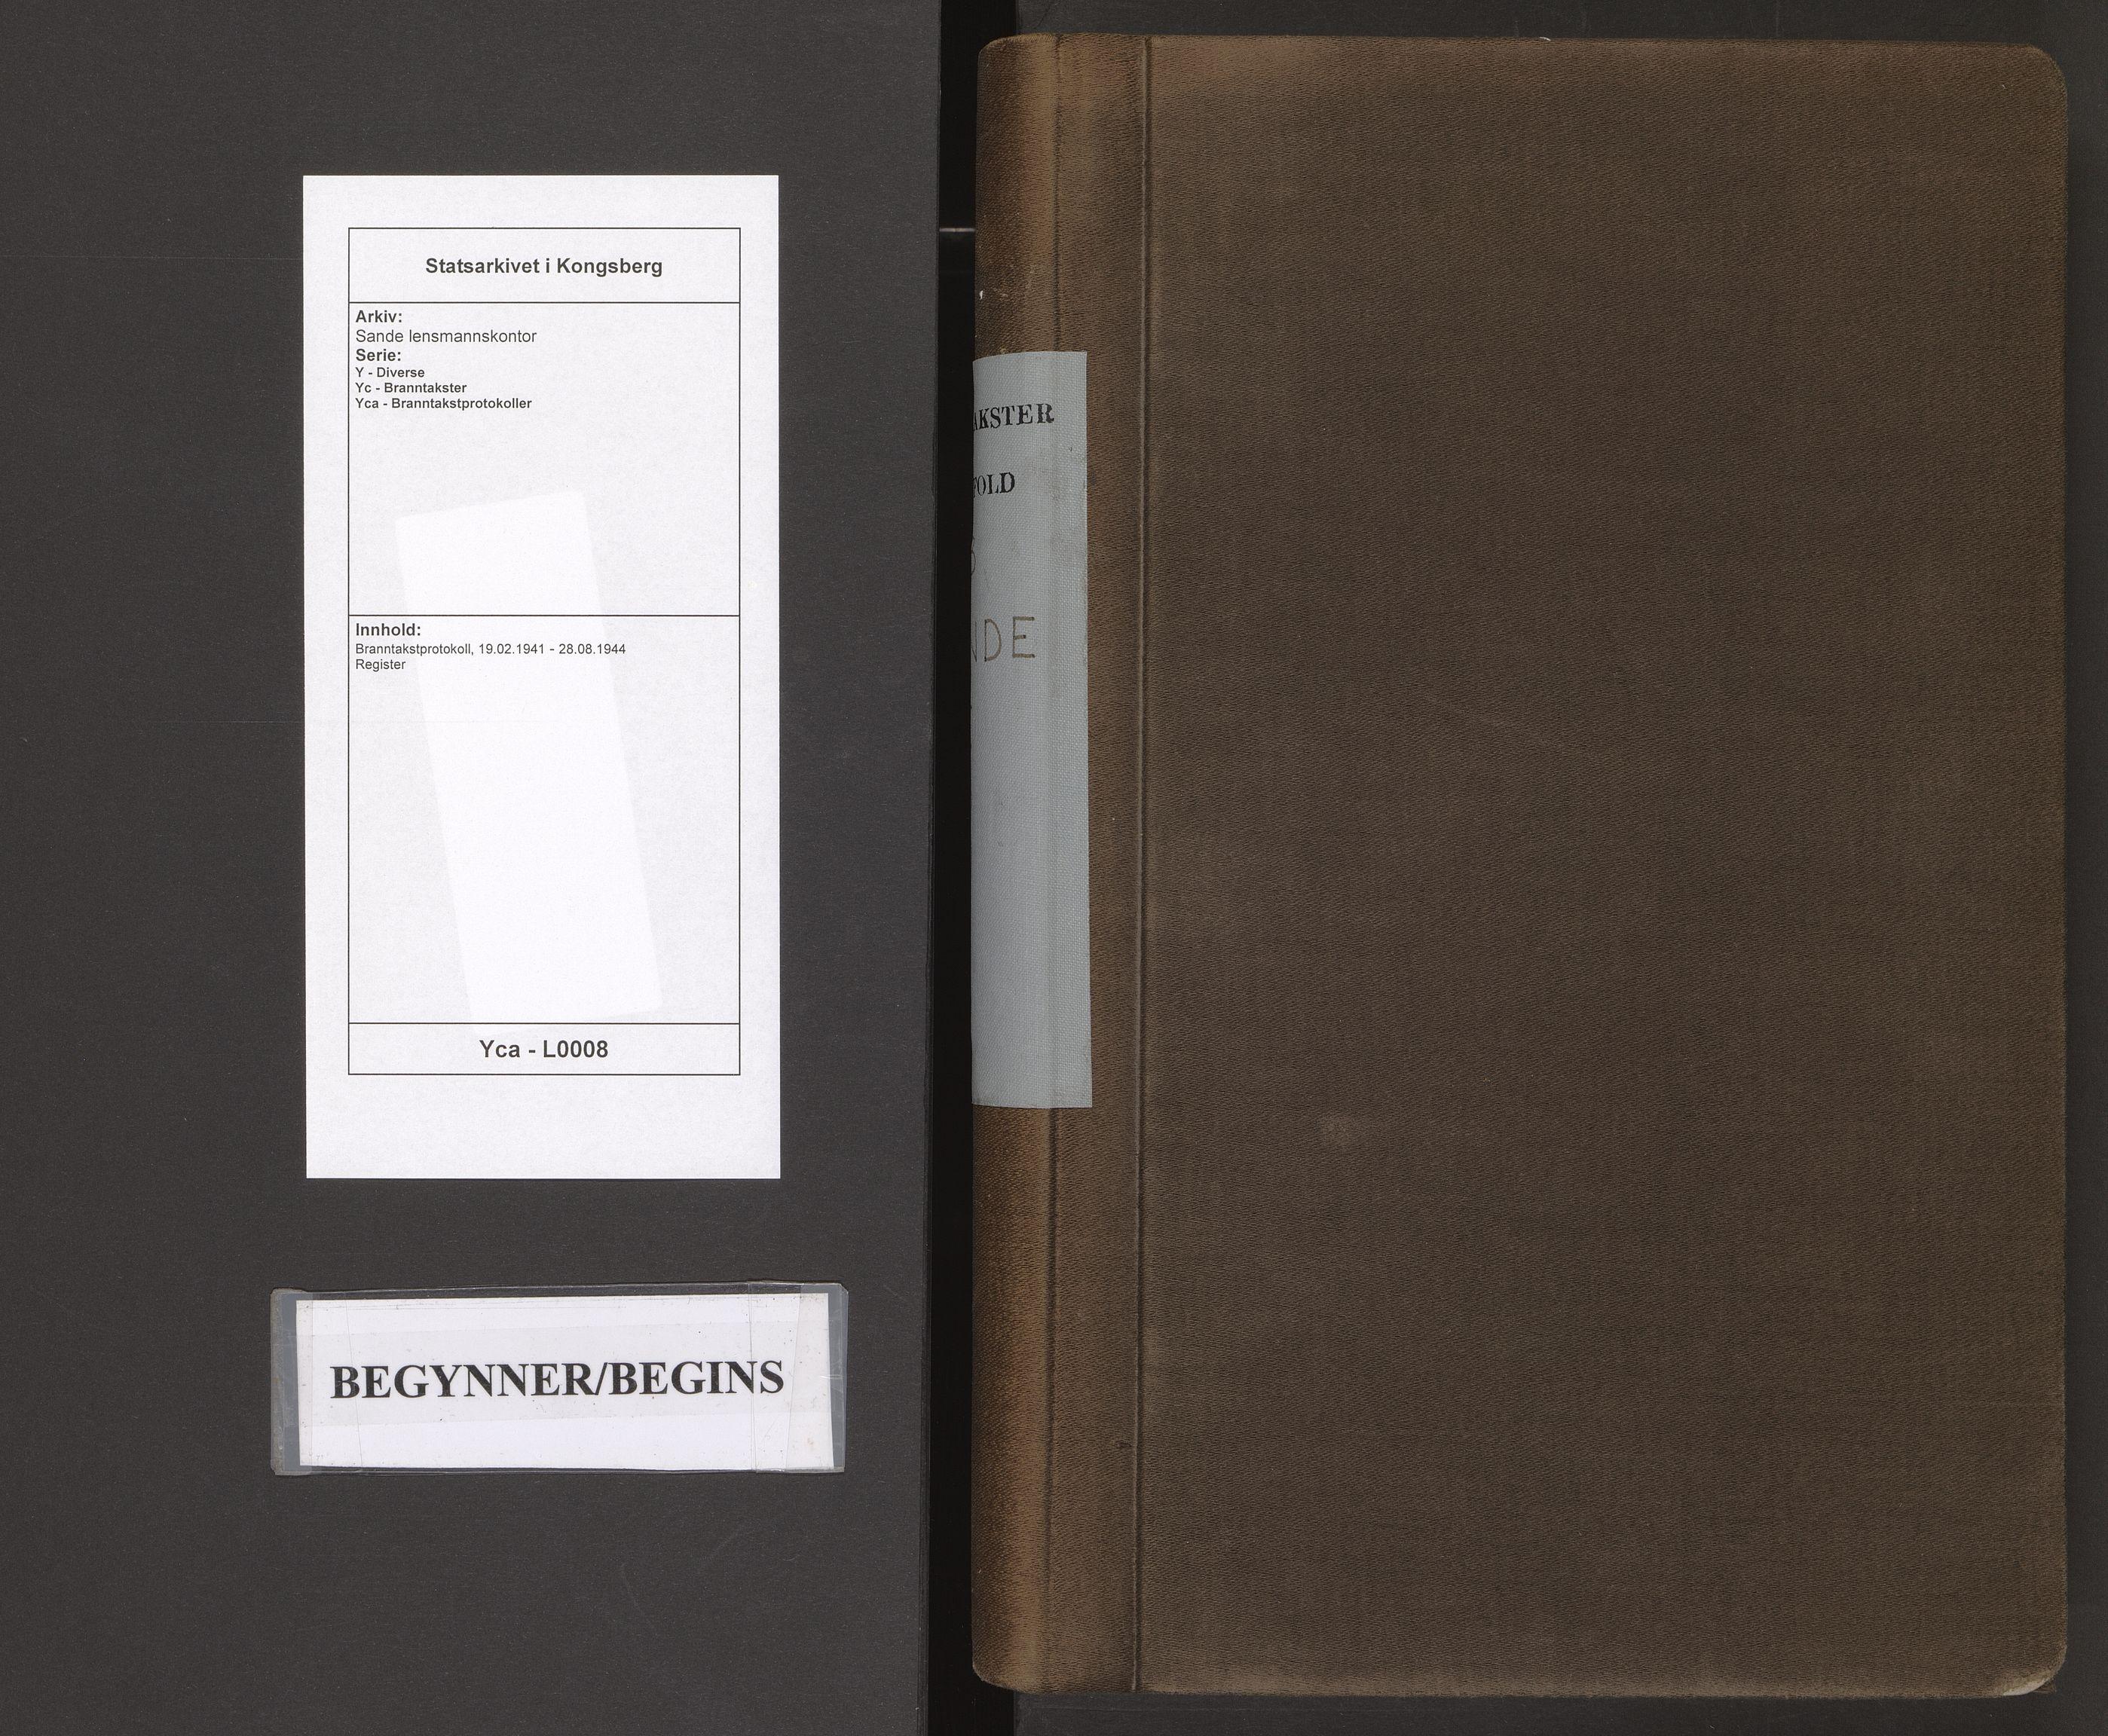 SAKO, Sande lensmannskontor, Y/Yc/Yca/L0008: Branntakstprotokoll, 1941-1944